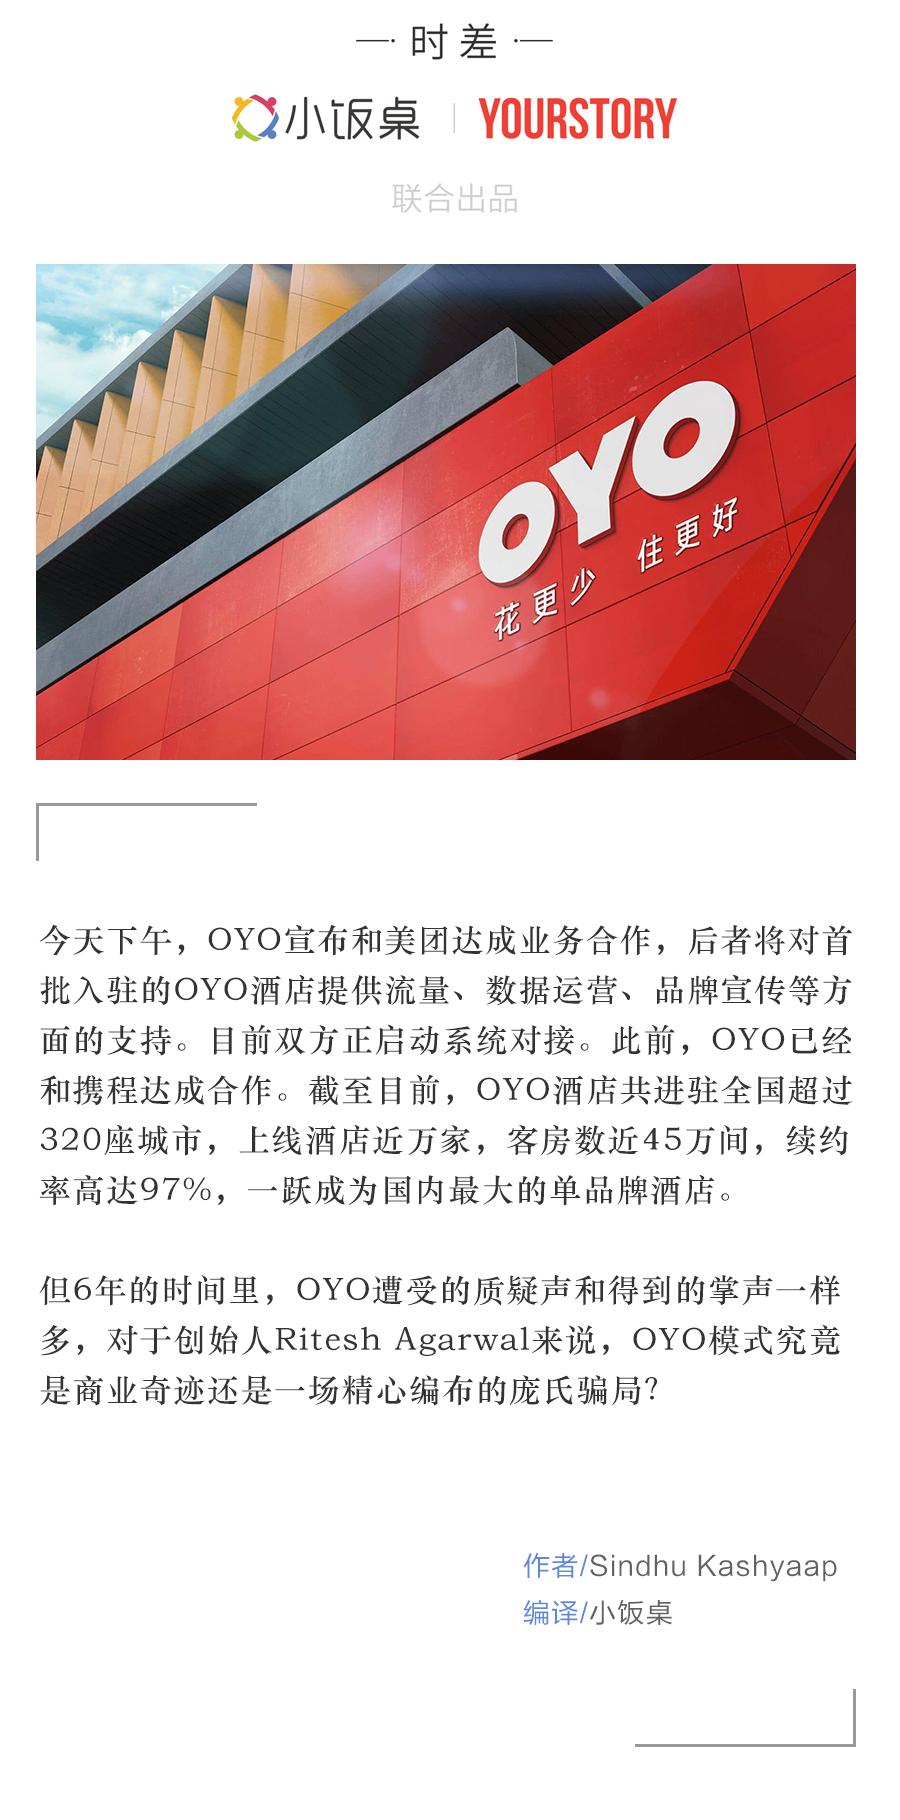 """搞定携程、美团之后,OYO不再是经济型酒店里的""""拼多多"""""""